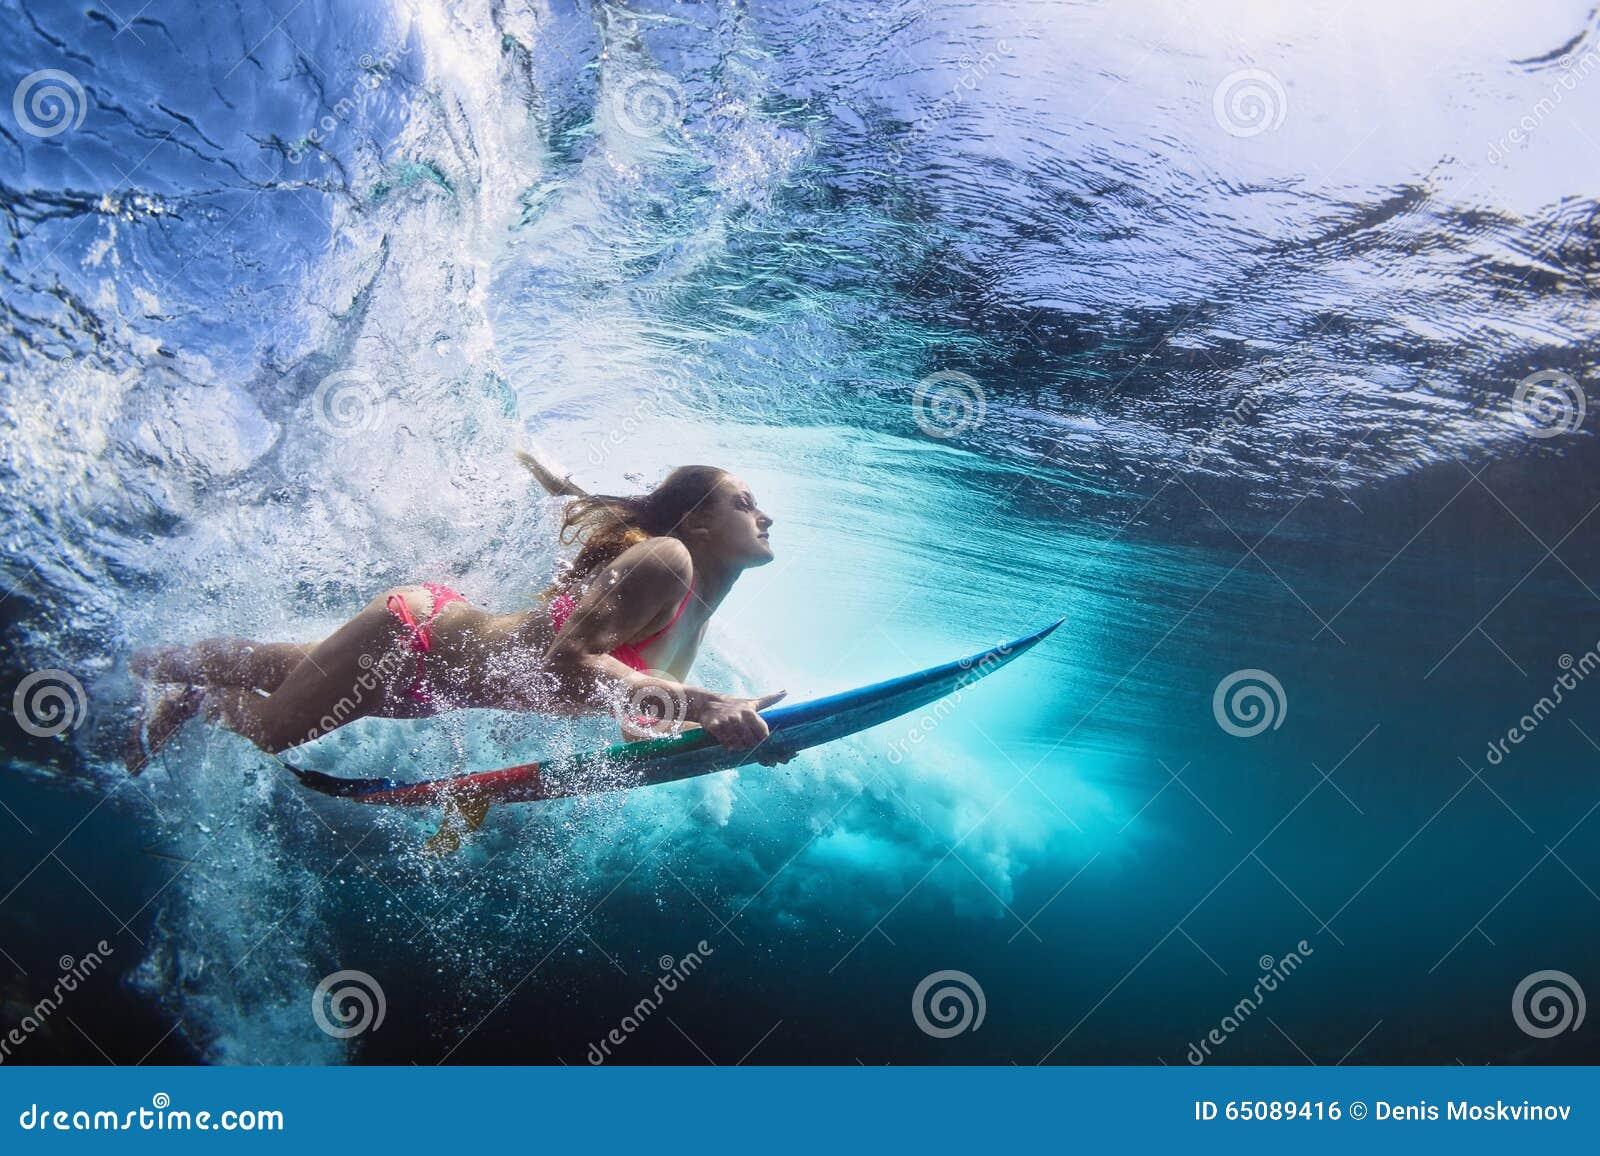 Foto subaquática da menina com mergulho da placa sob a onda de oceano